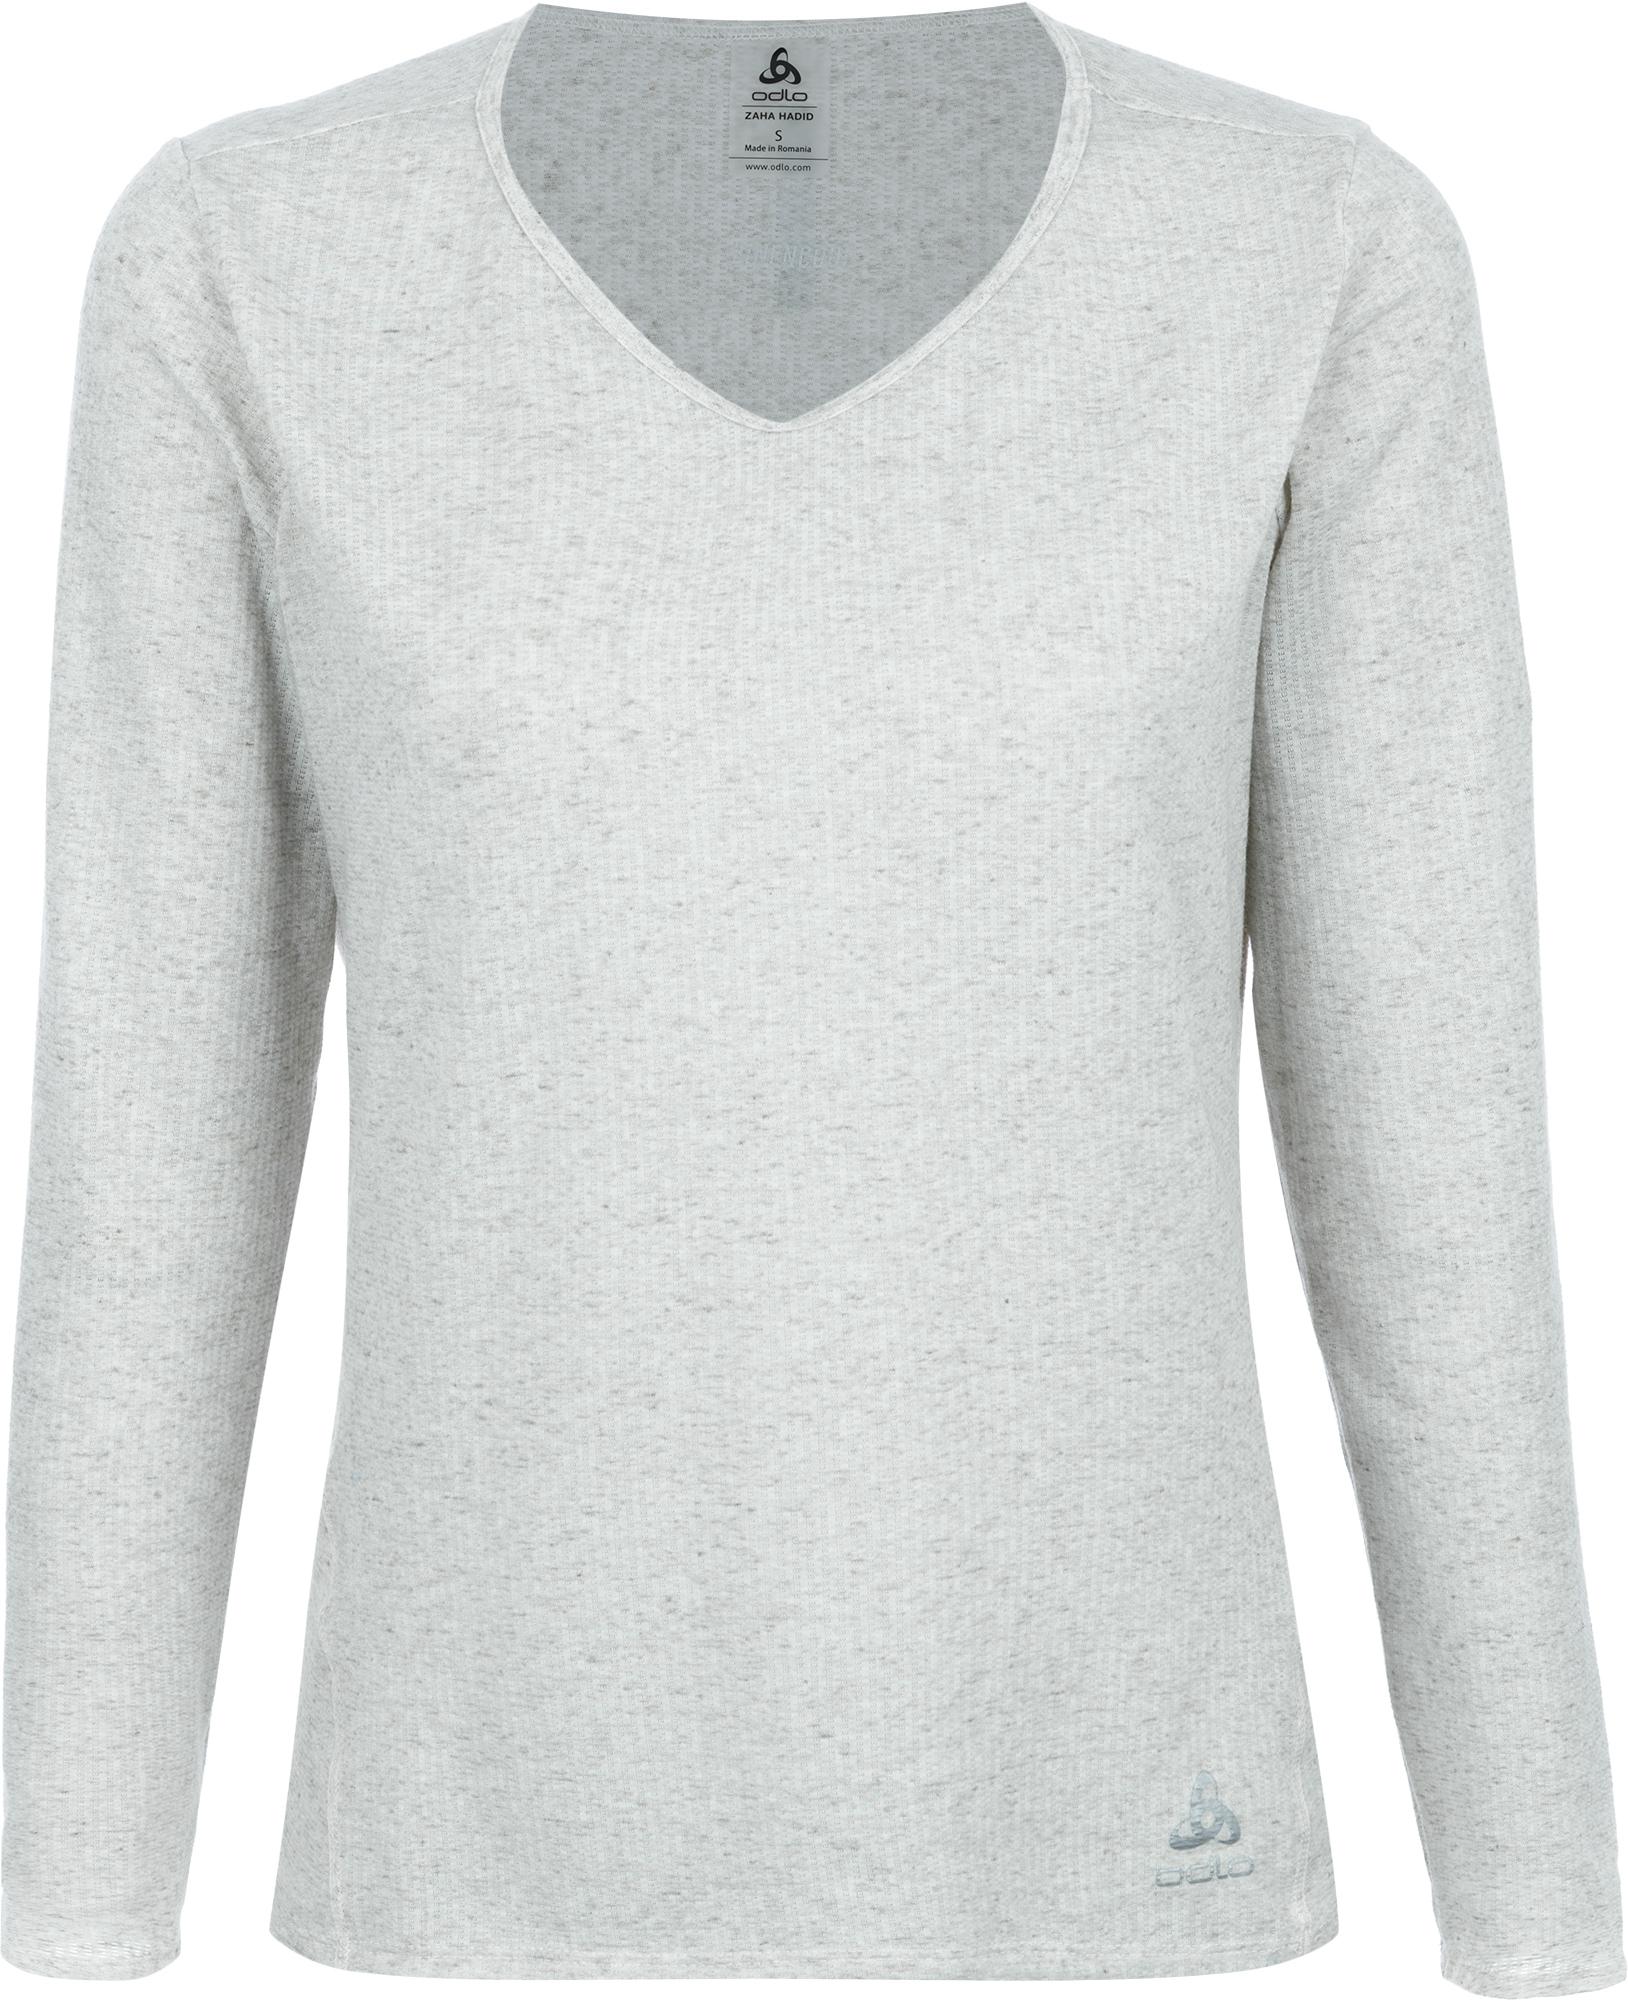 цена Odlo Футболка с длинным рукавом женская Odlo Lou Linencool, размер 44-46 онлайн в 2017 году